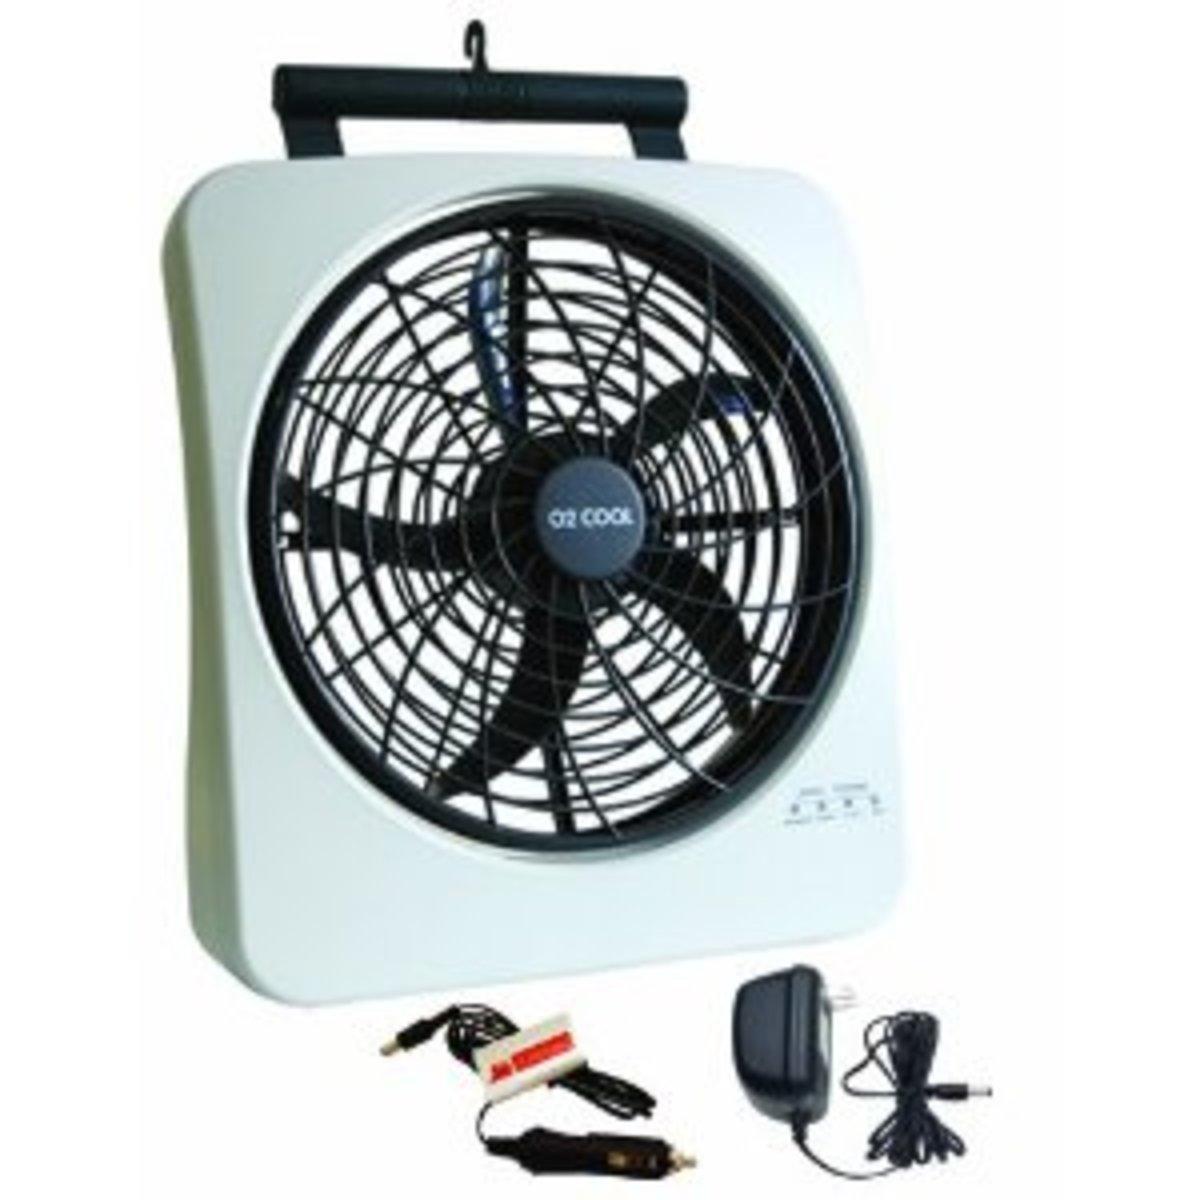 O2Cool 1038 Smart Power Rechargeable Swivel Fan